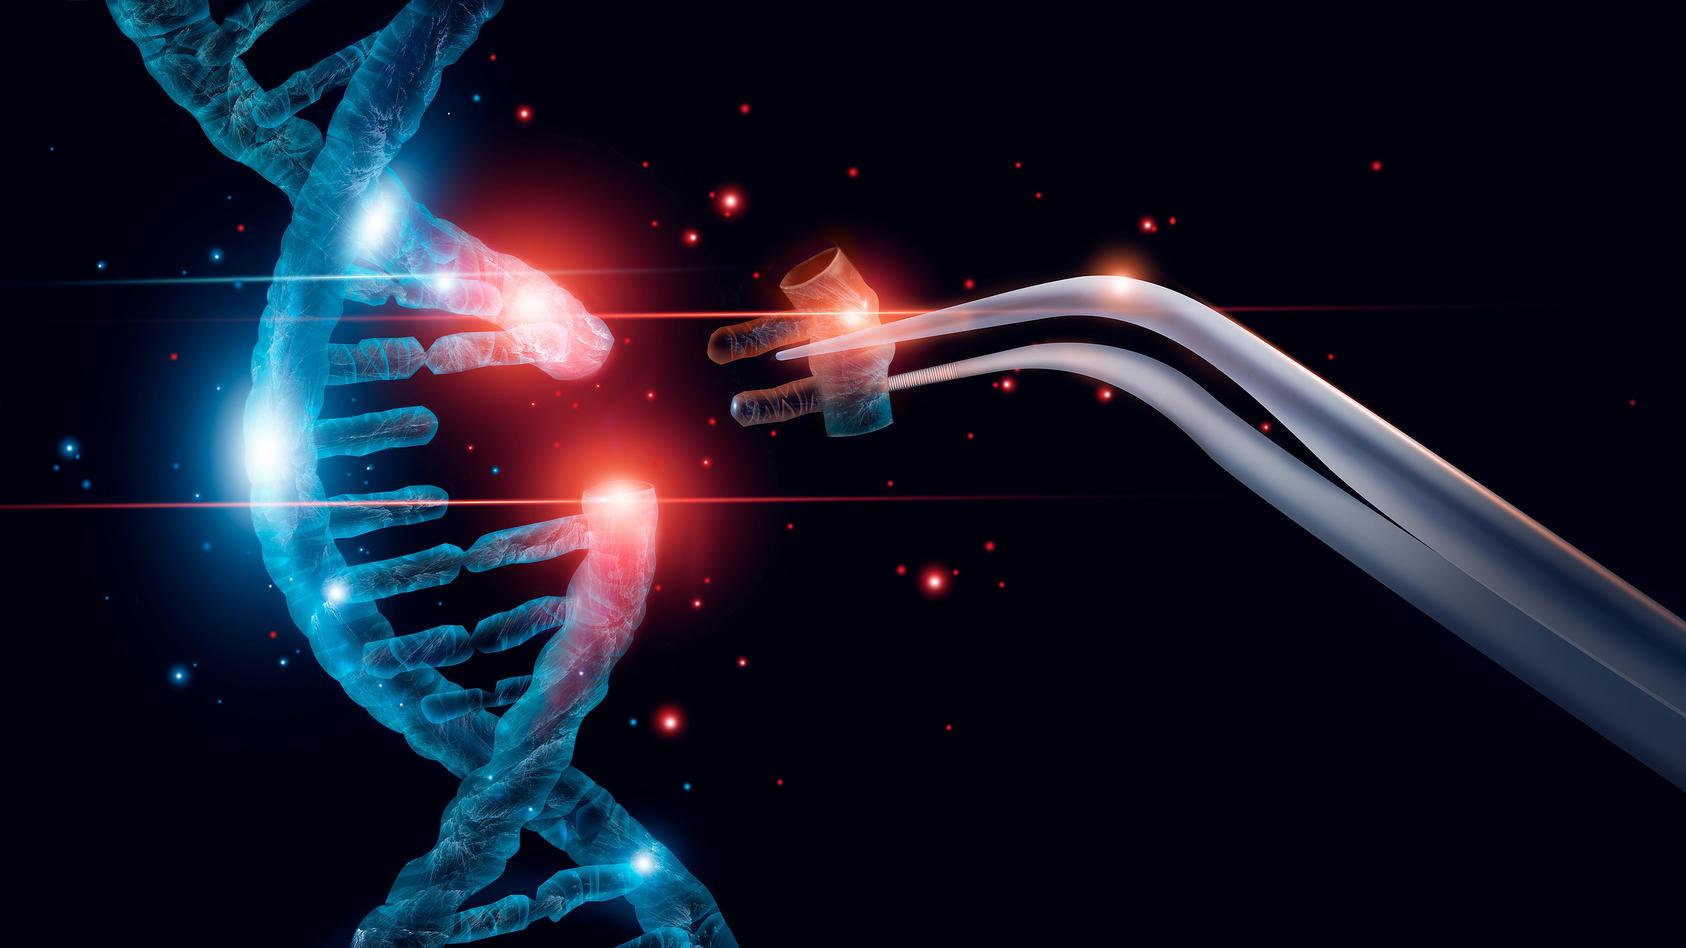 Eine Mutation ist eine Veränderung des Erbguts eines Organismus